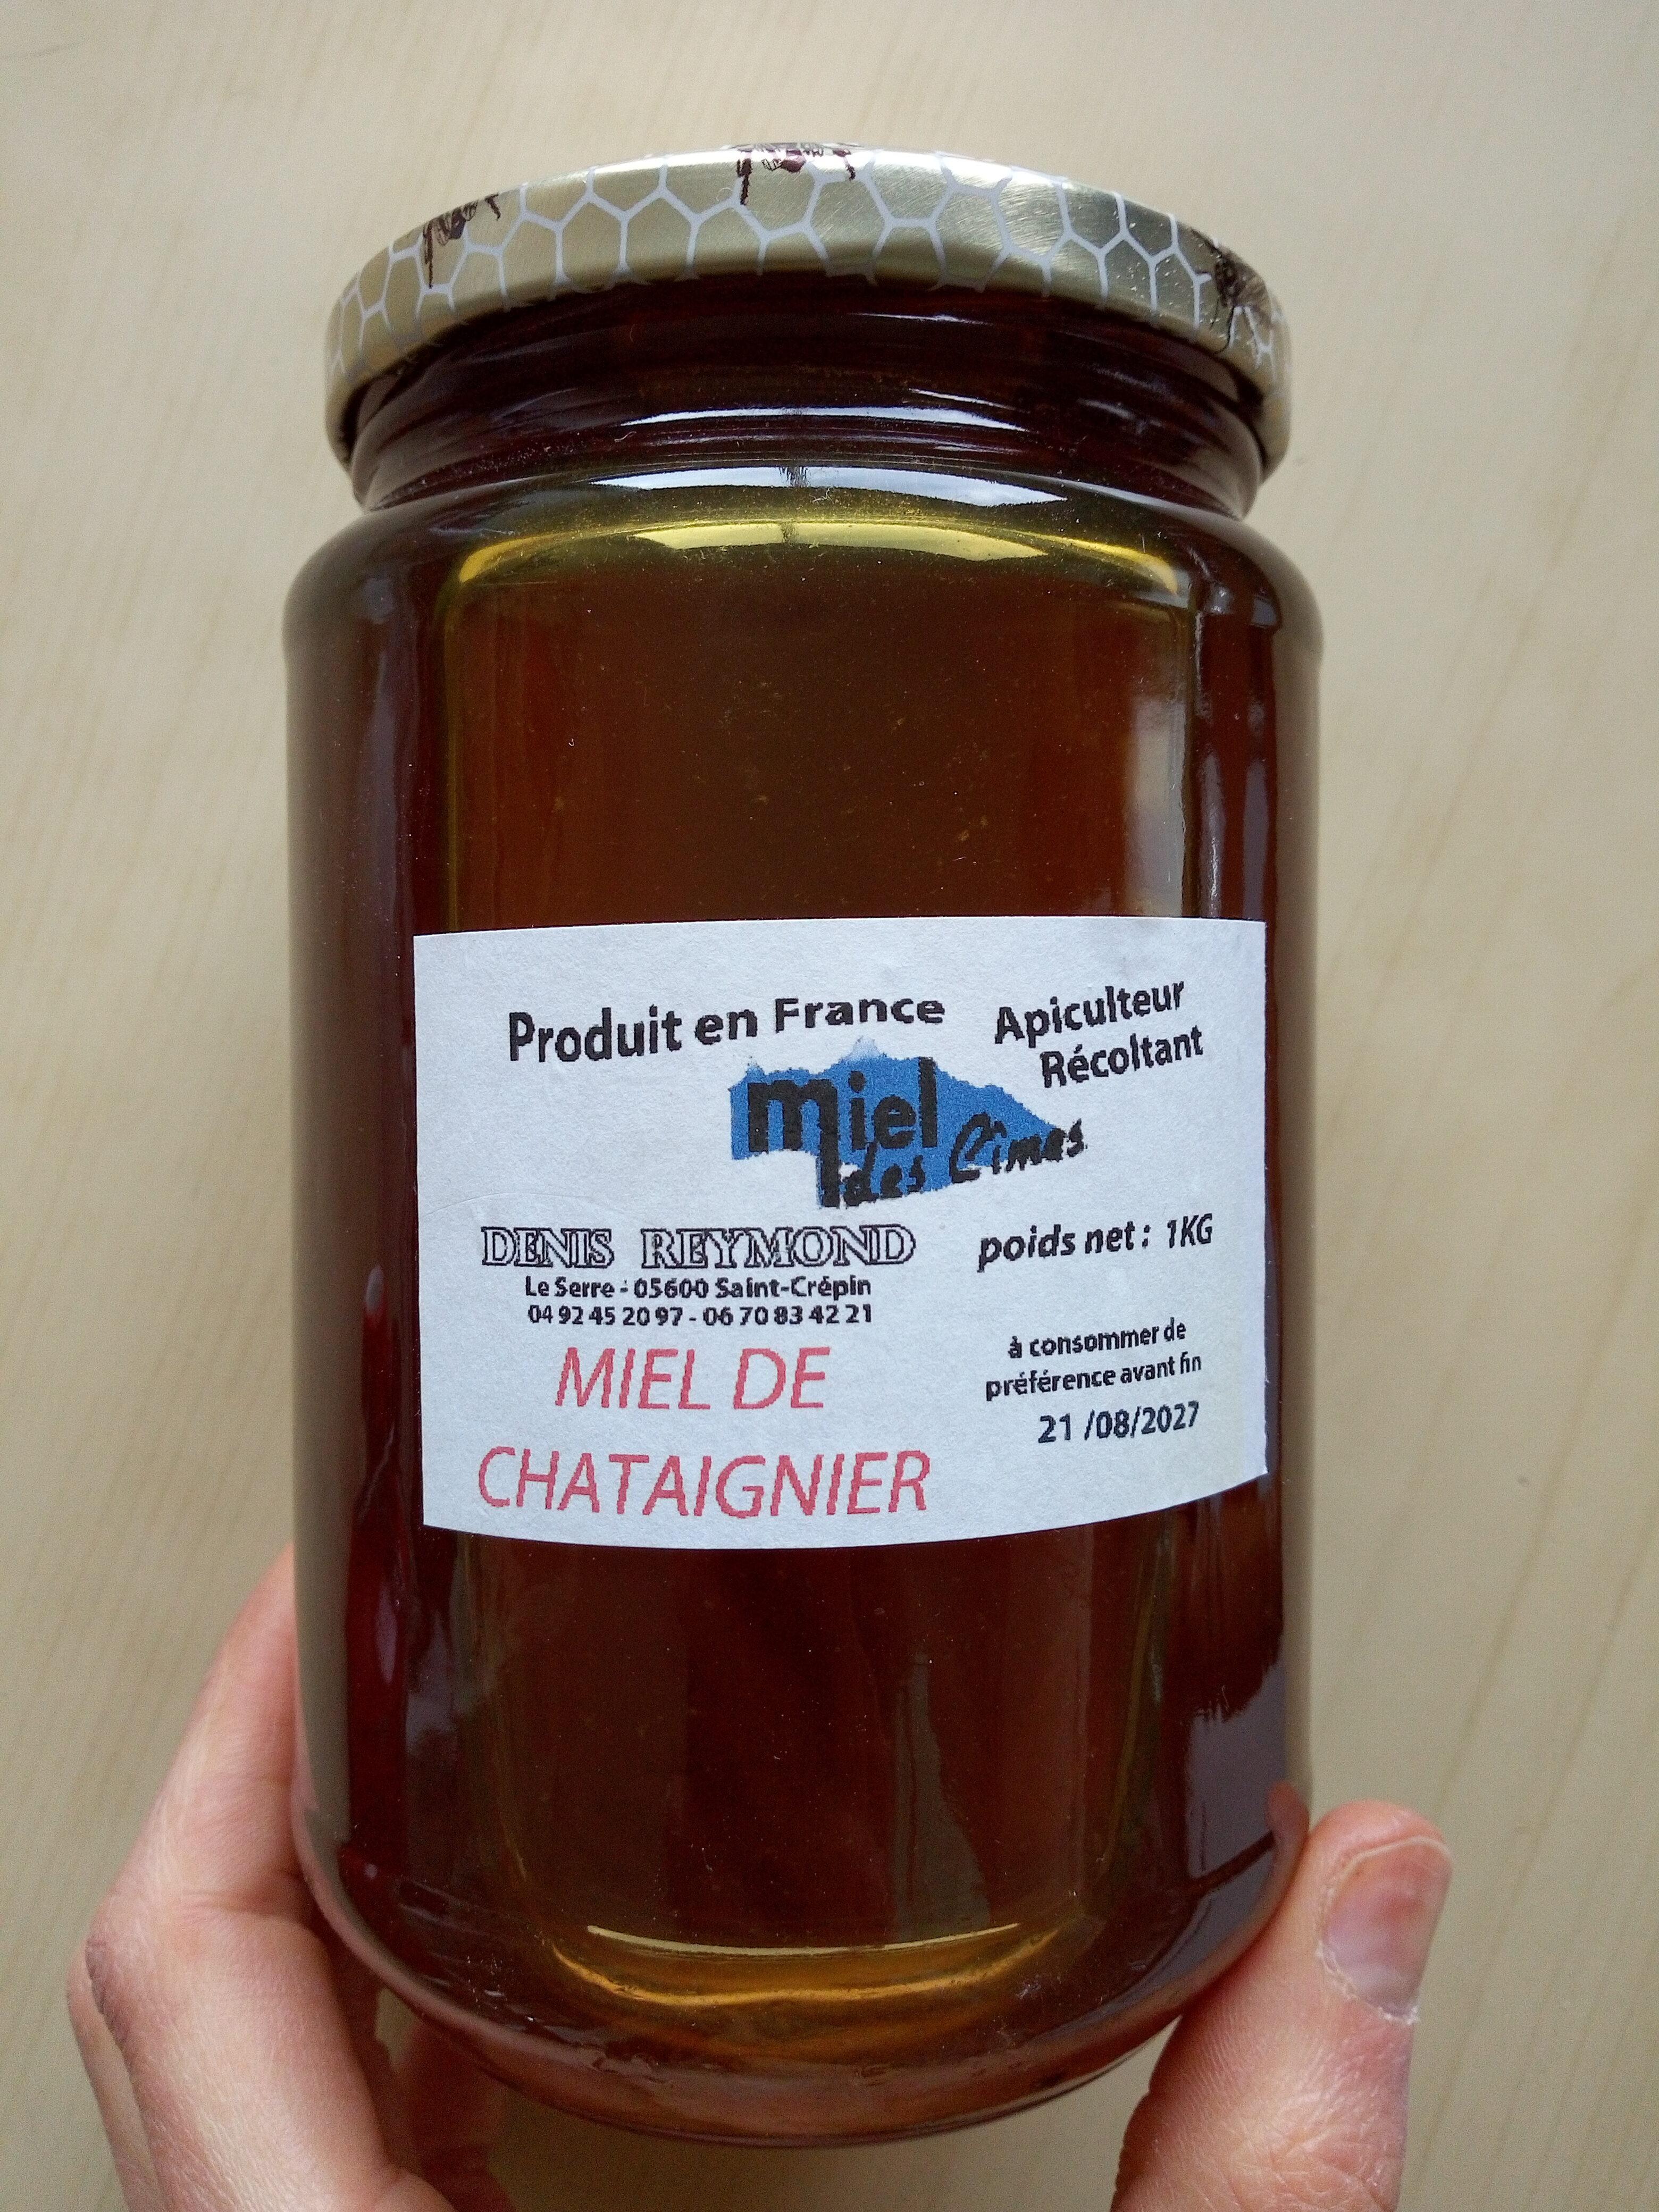 Miel de châtaignier - Instruction de recyclage et/ou informations d'emballage - fr